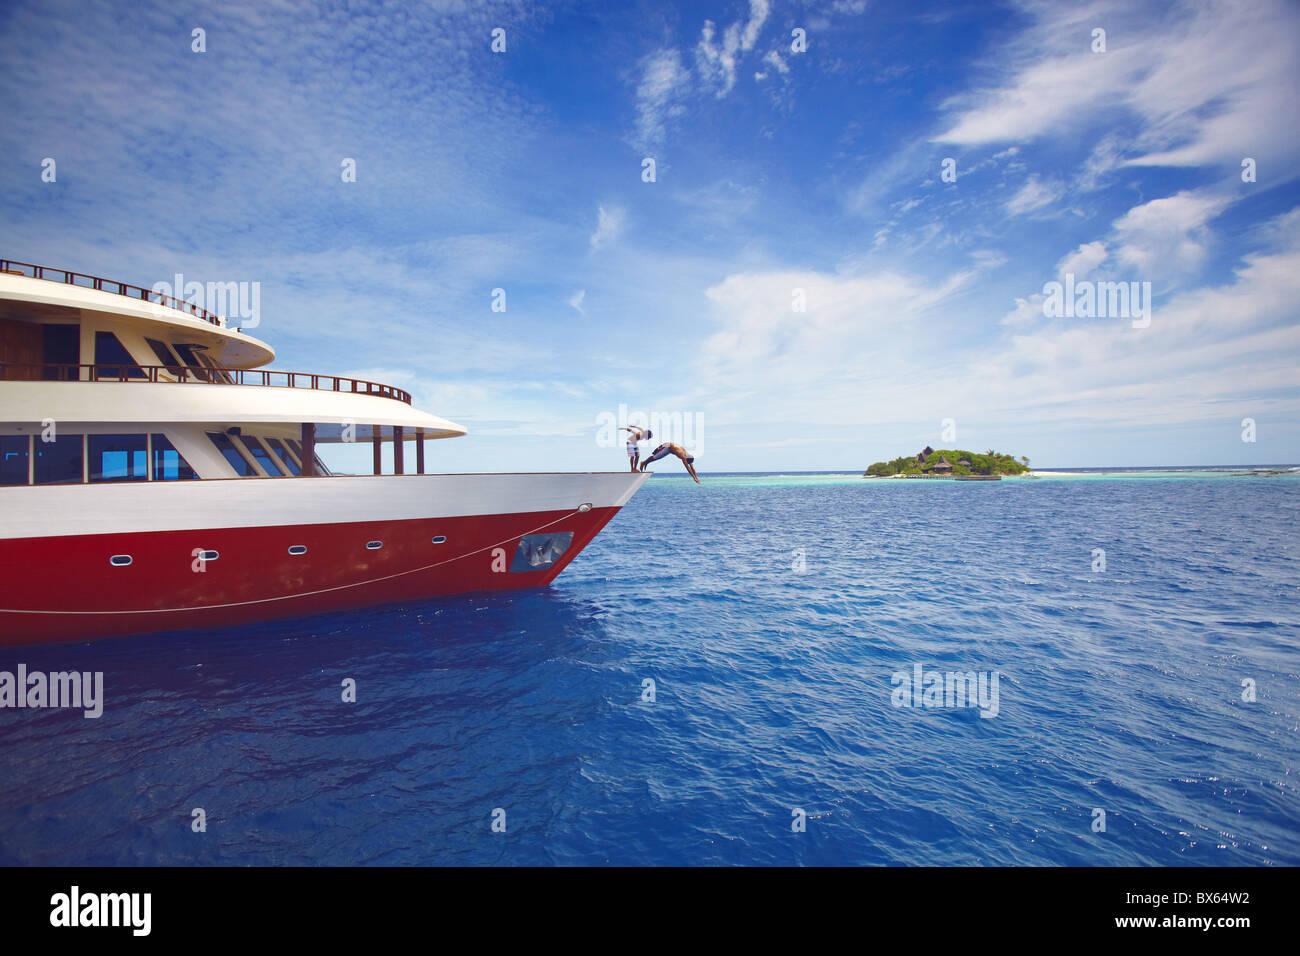 Les jeunes sauter de bateau en mer, Maldives, océan Indien, Asie Photo Stock